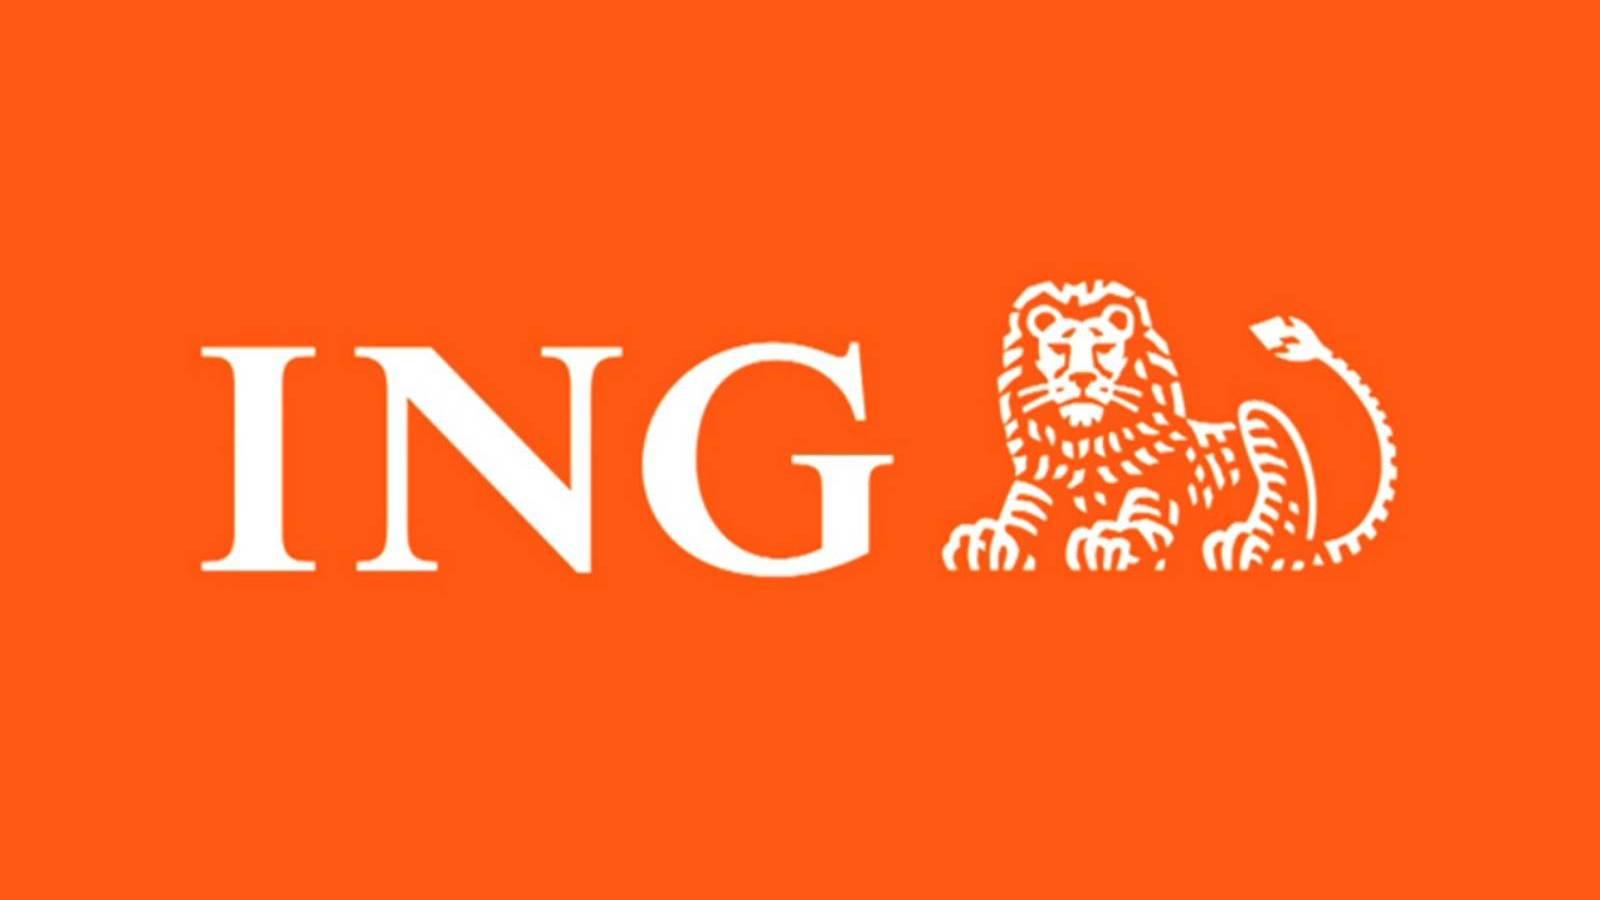 ING Bank vacanta